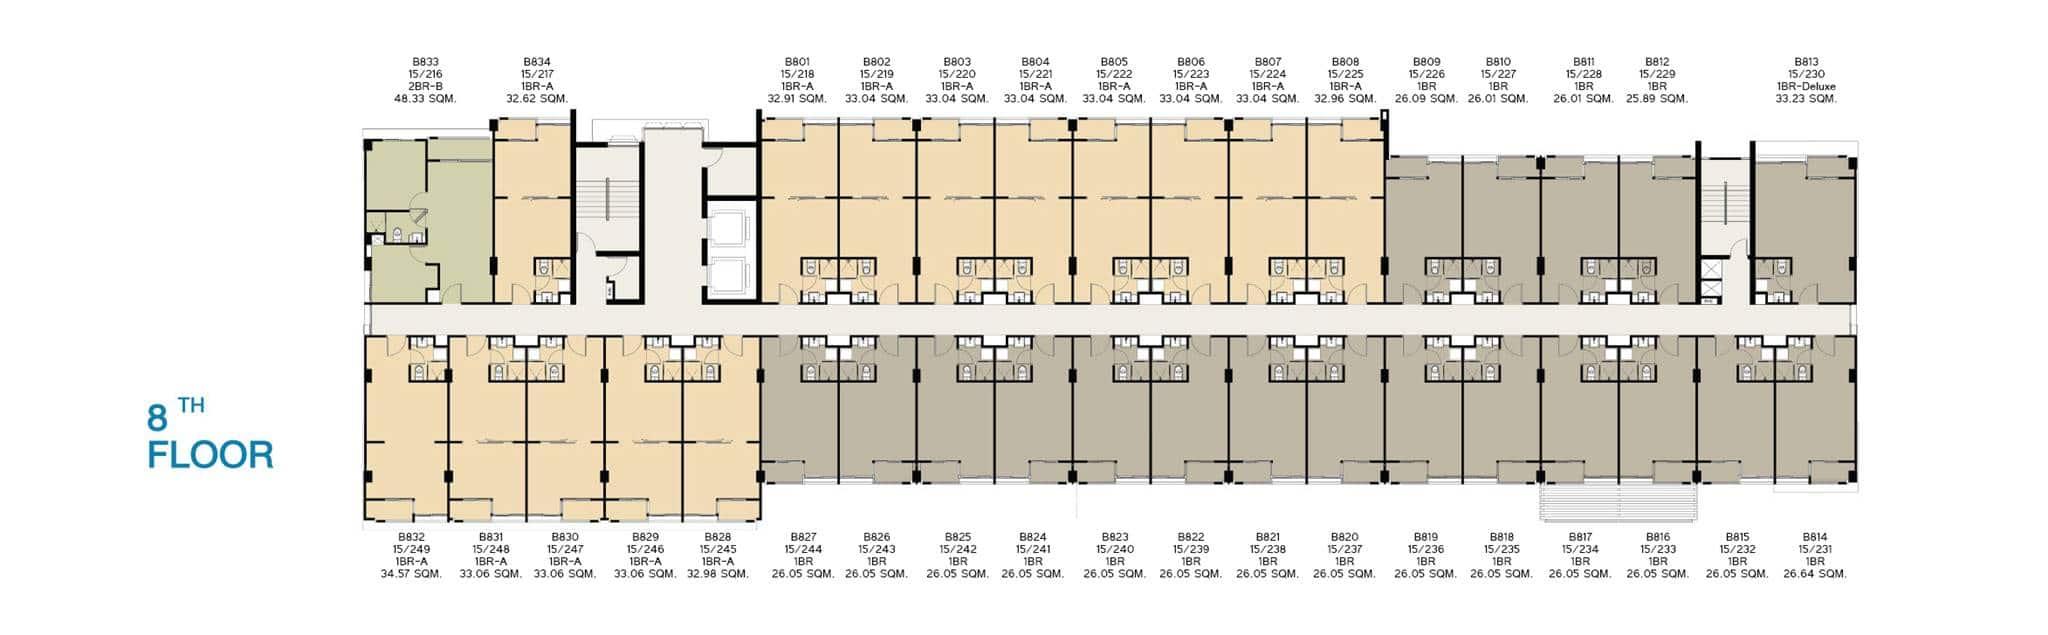 รีวิว พาชมห้องตัวอย่างโครงการ WE Condo เอกมัยรามอินทรา เชื่อมต่อชีวิตพร้อมอยู่อย่างมีสไตล์ ใกล้ทางด่วน 2 ทาง ใกล้รถไฟฟ้า 2 สาย   Prop2Morrow บ้าน คอนโด ข่าวอสังหาฯ